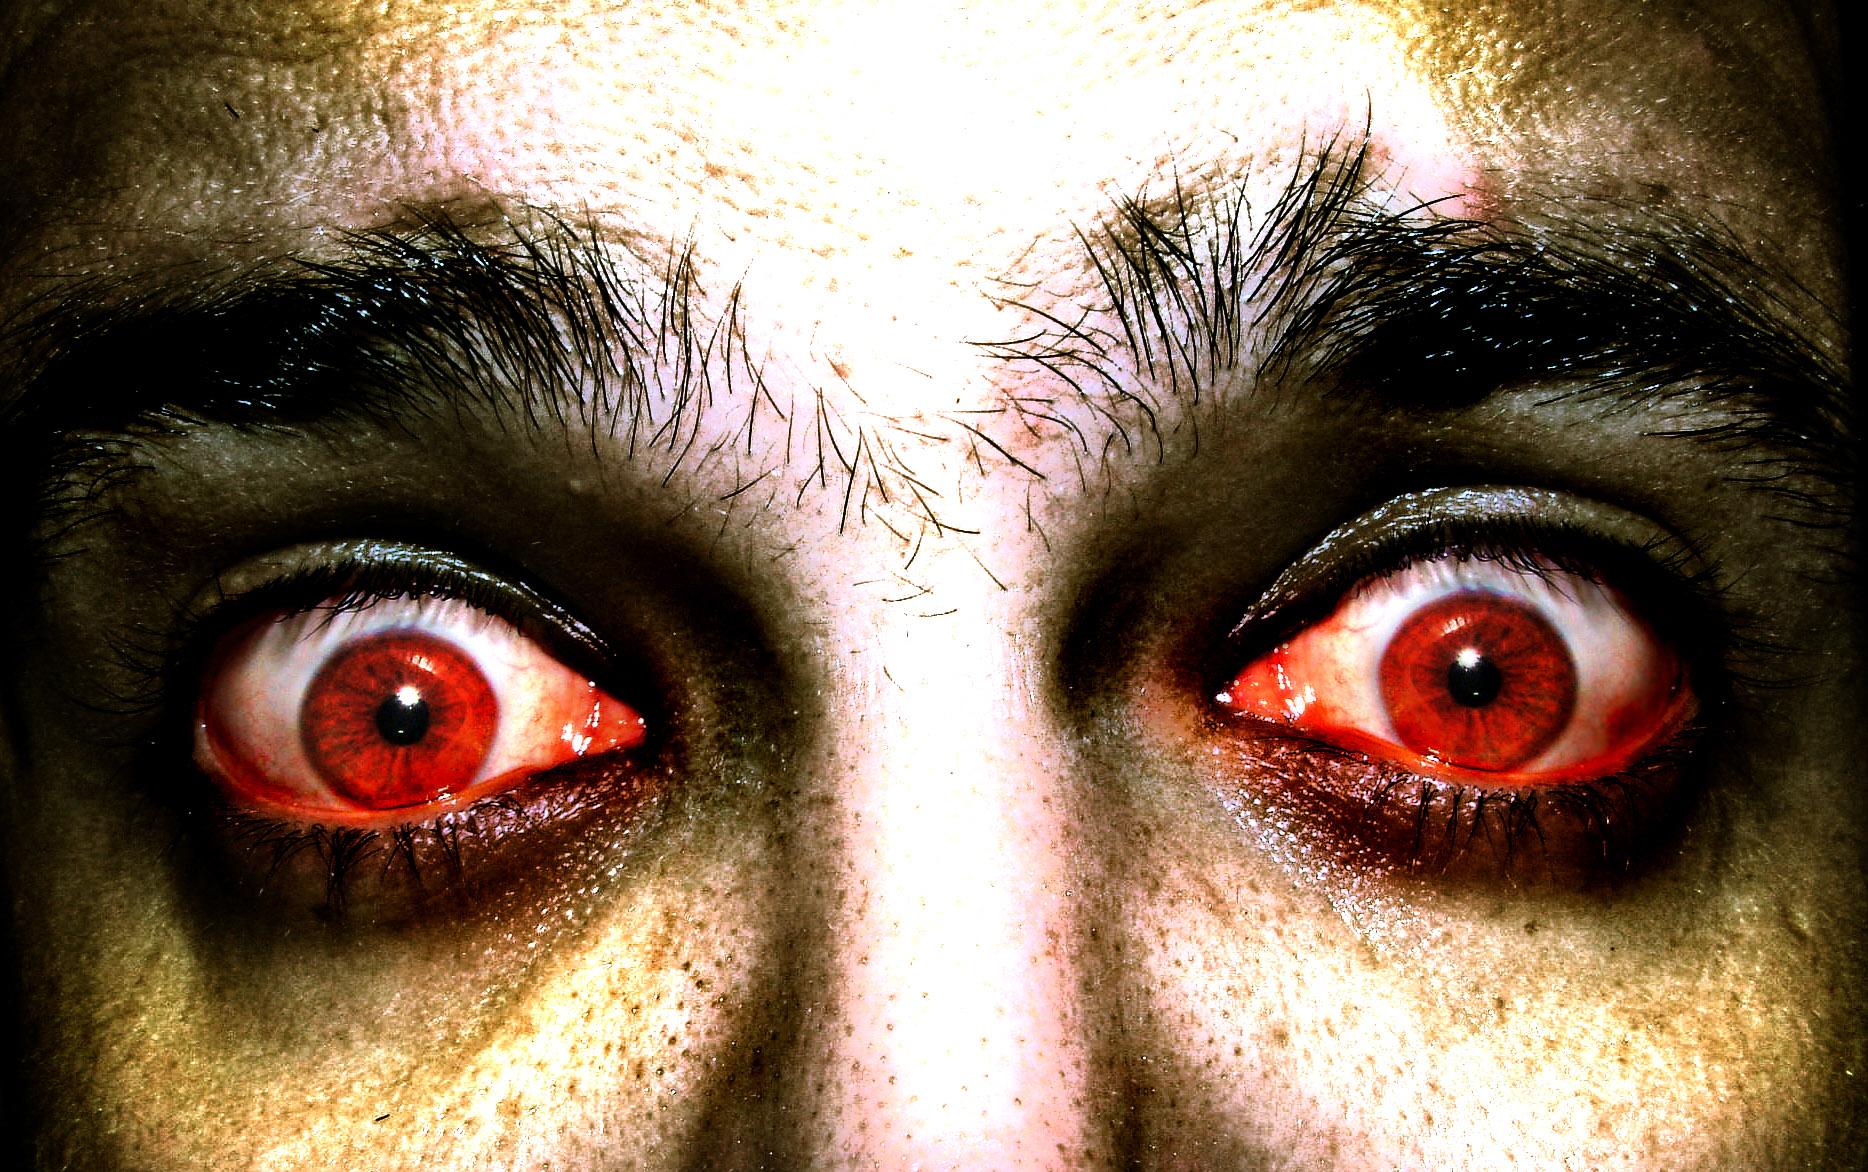 красные глаза у человека фото топиарии каталога